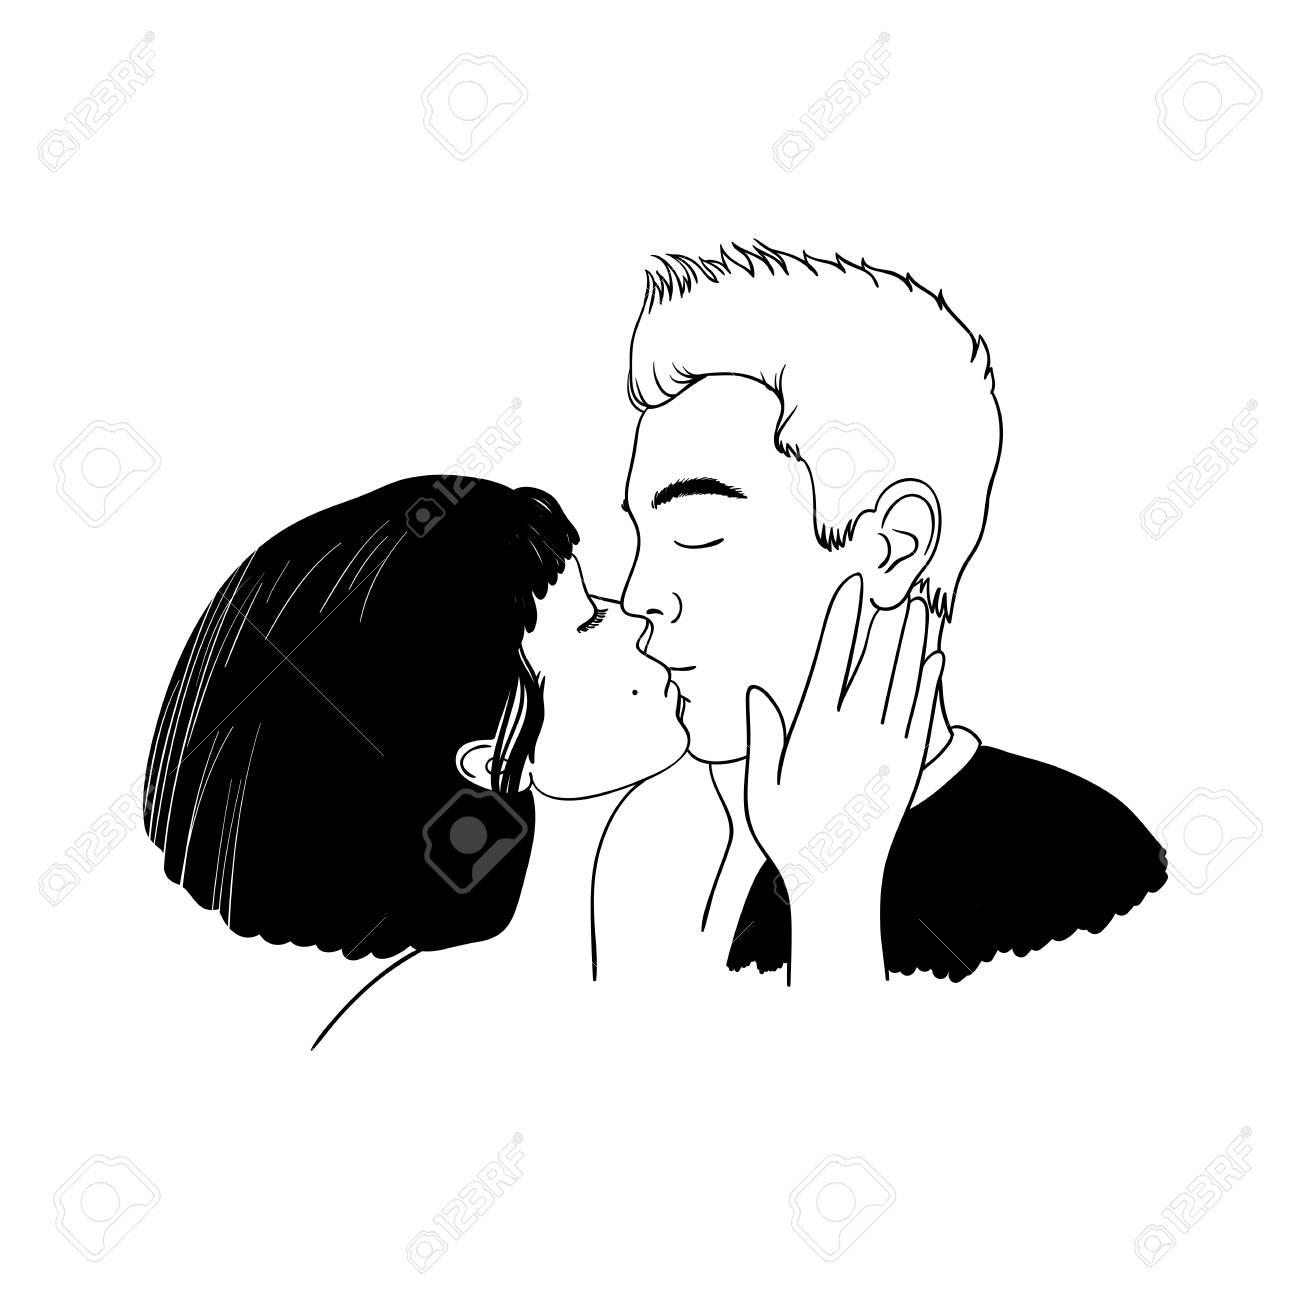 Couple Amoureux Romantique Baiser Main Dessiner Des Objets Isolés Sur Fond Blanc Illustration Vectorielle